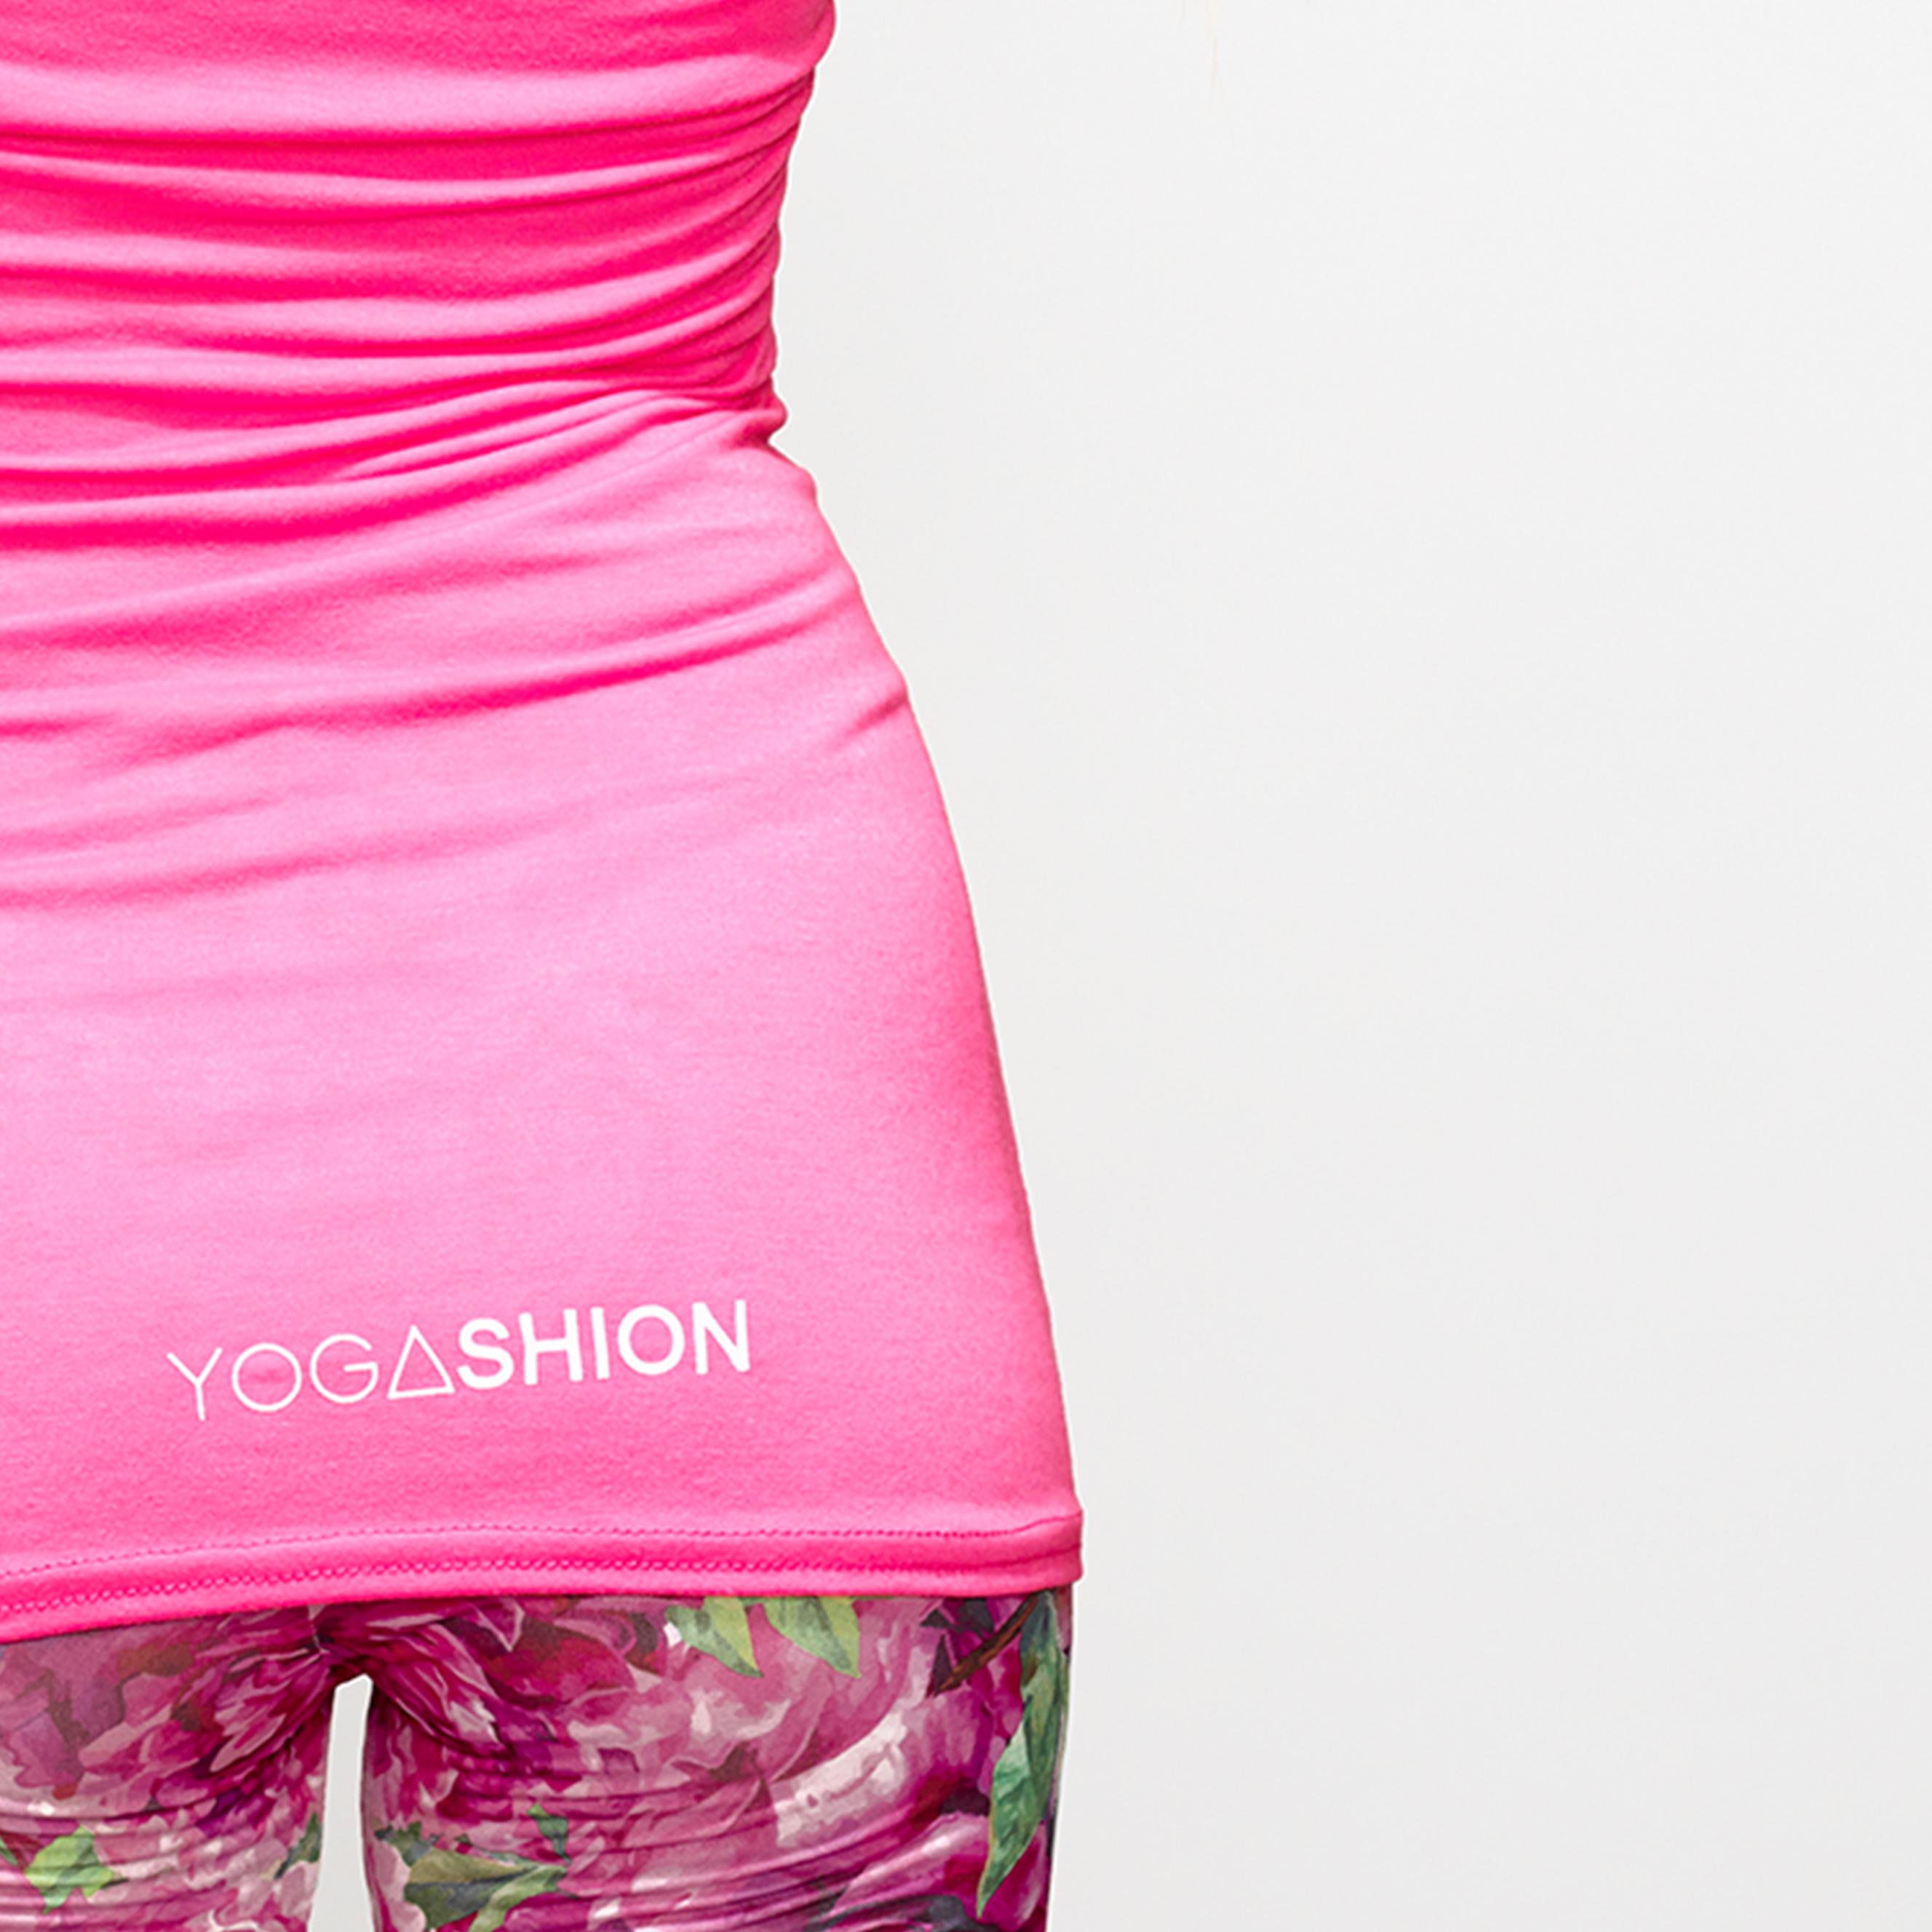 Top bustier fitness da donna con reggiseno invisibile rosa yogashion